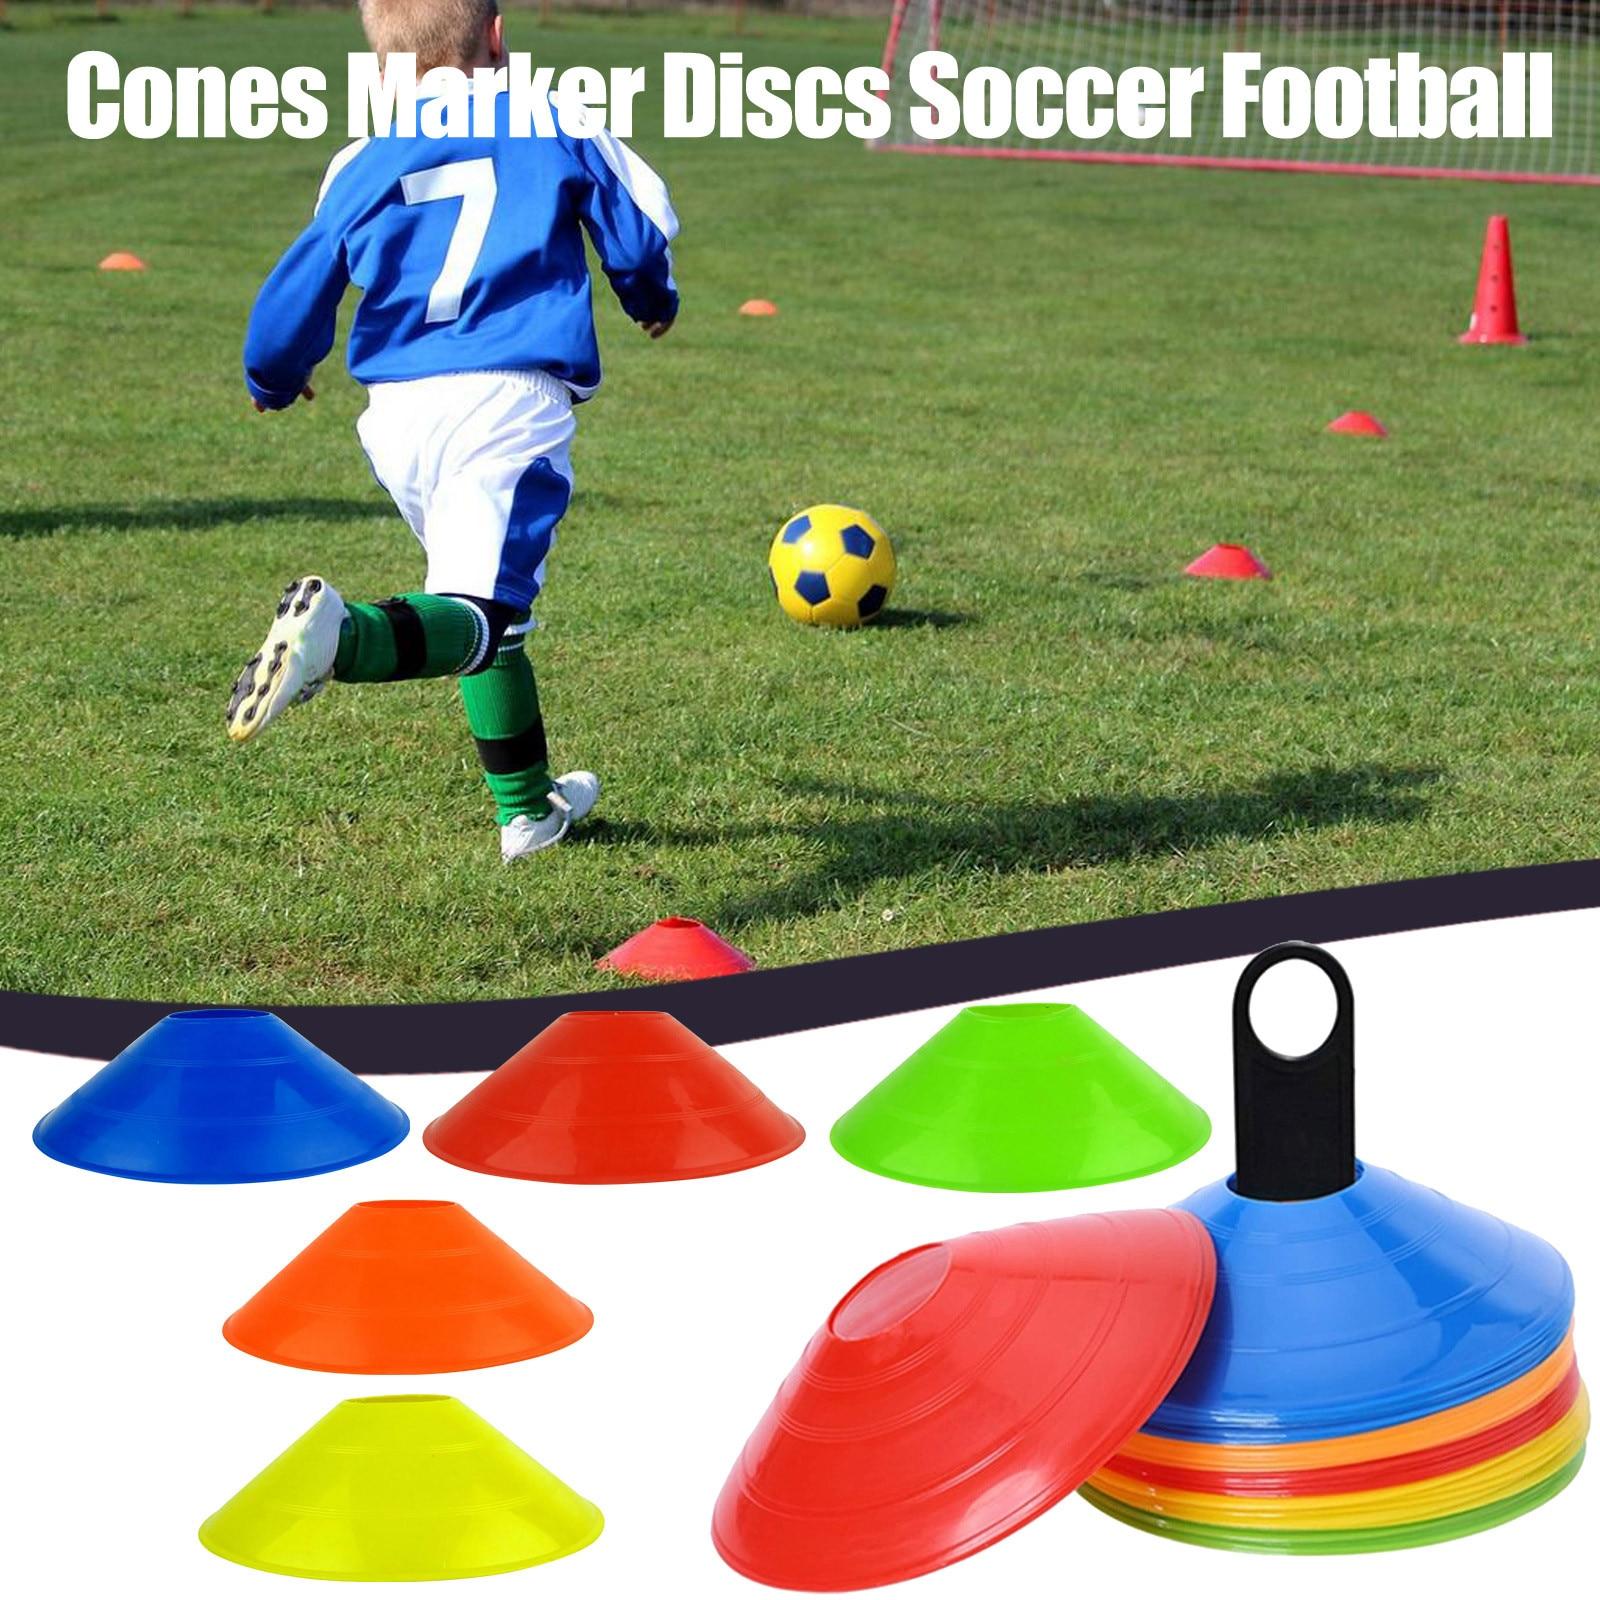 25 # маркерные конусы для атлетики, кросс-тренировок, футбола, тренировок, спортивных блюдец, конусы, маркерные диски, развлекательные аксесс...